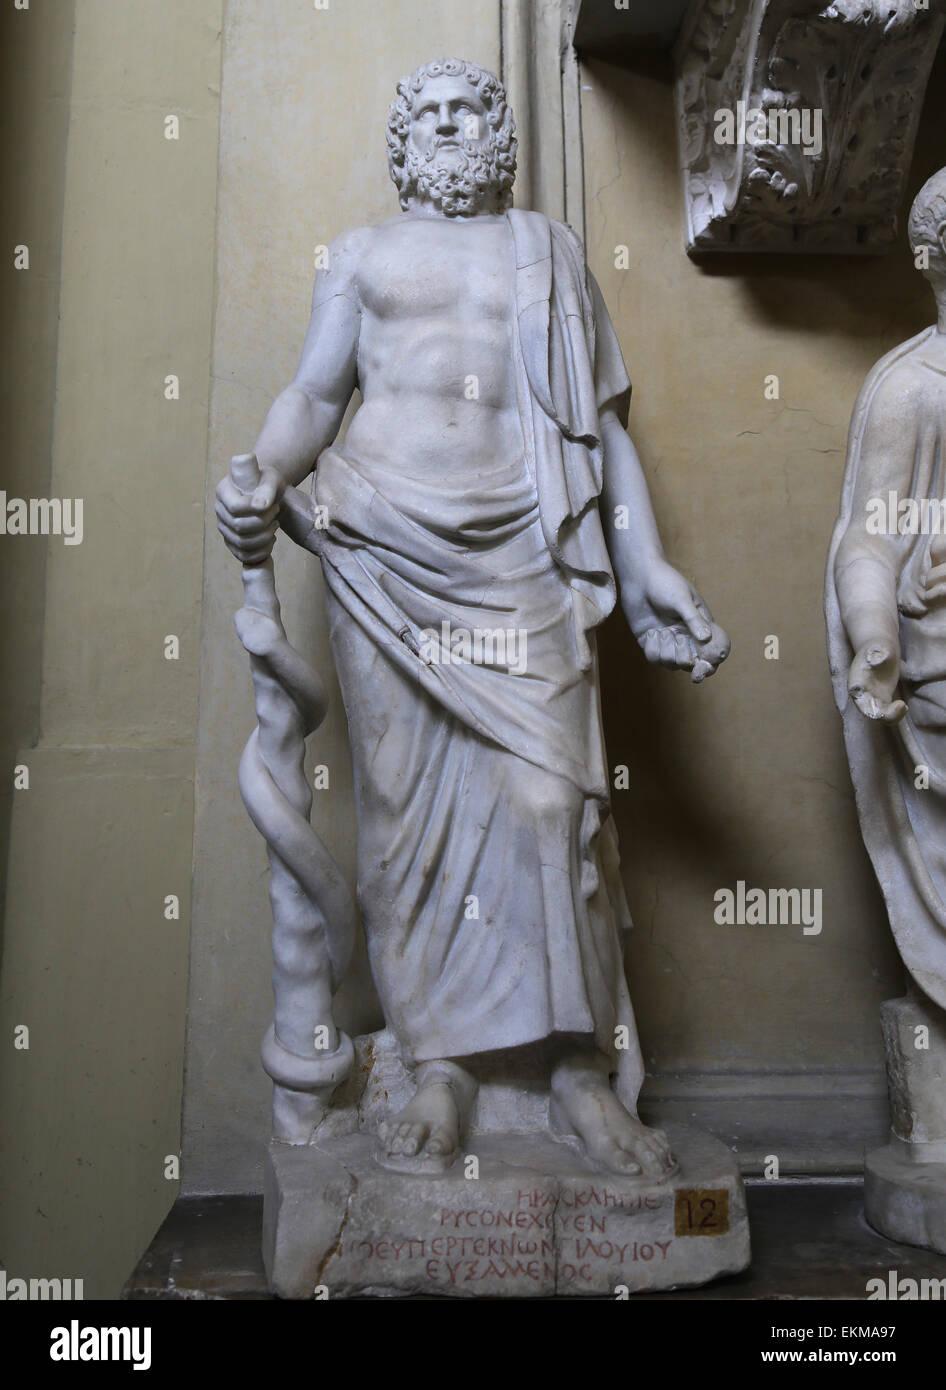 Esculapio con serpiente entrelazada de personal. Dios de la medicina. Museos Vaticanos. Chiaramonti. Imagen De Stock